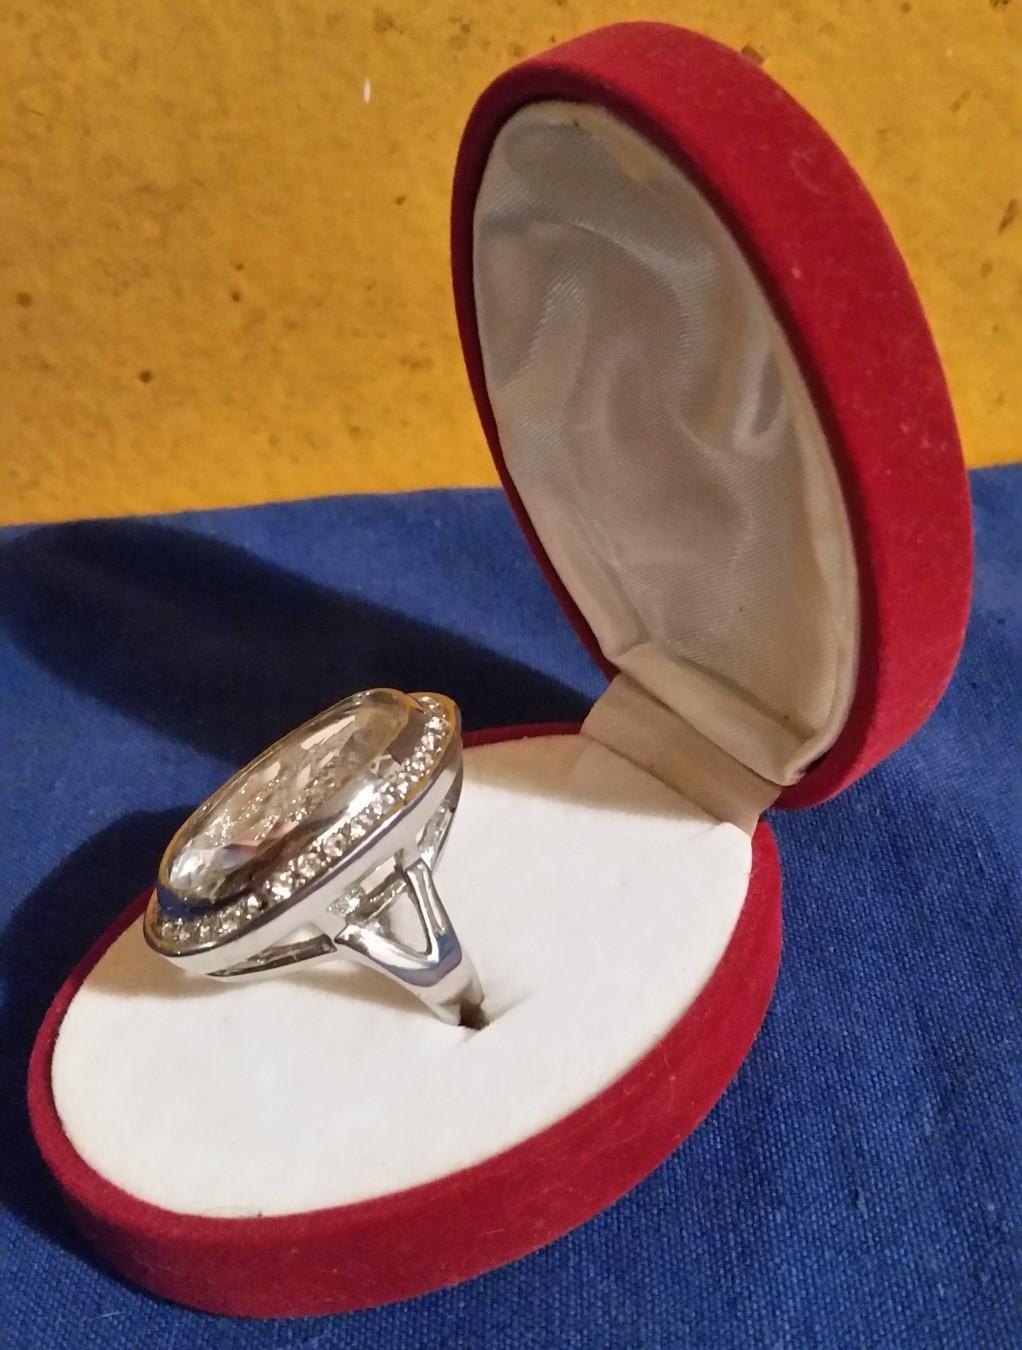 [Slika: Moj-je-prsten-Svicarskaaa-_slika_O_93650021.jpg]